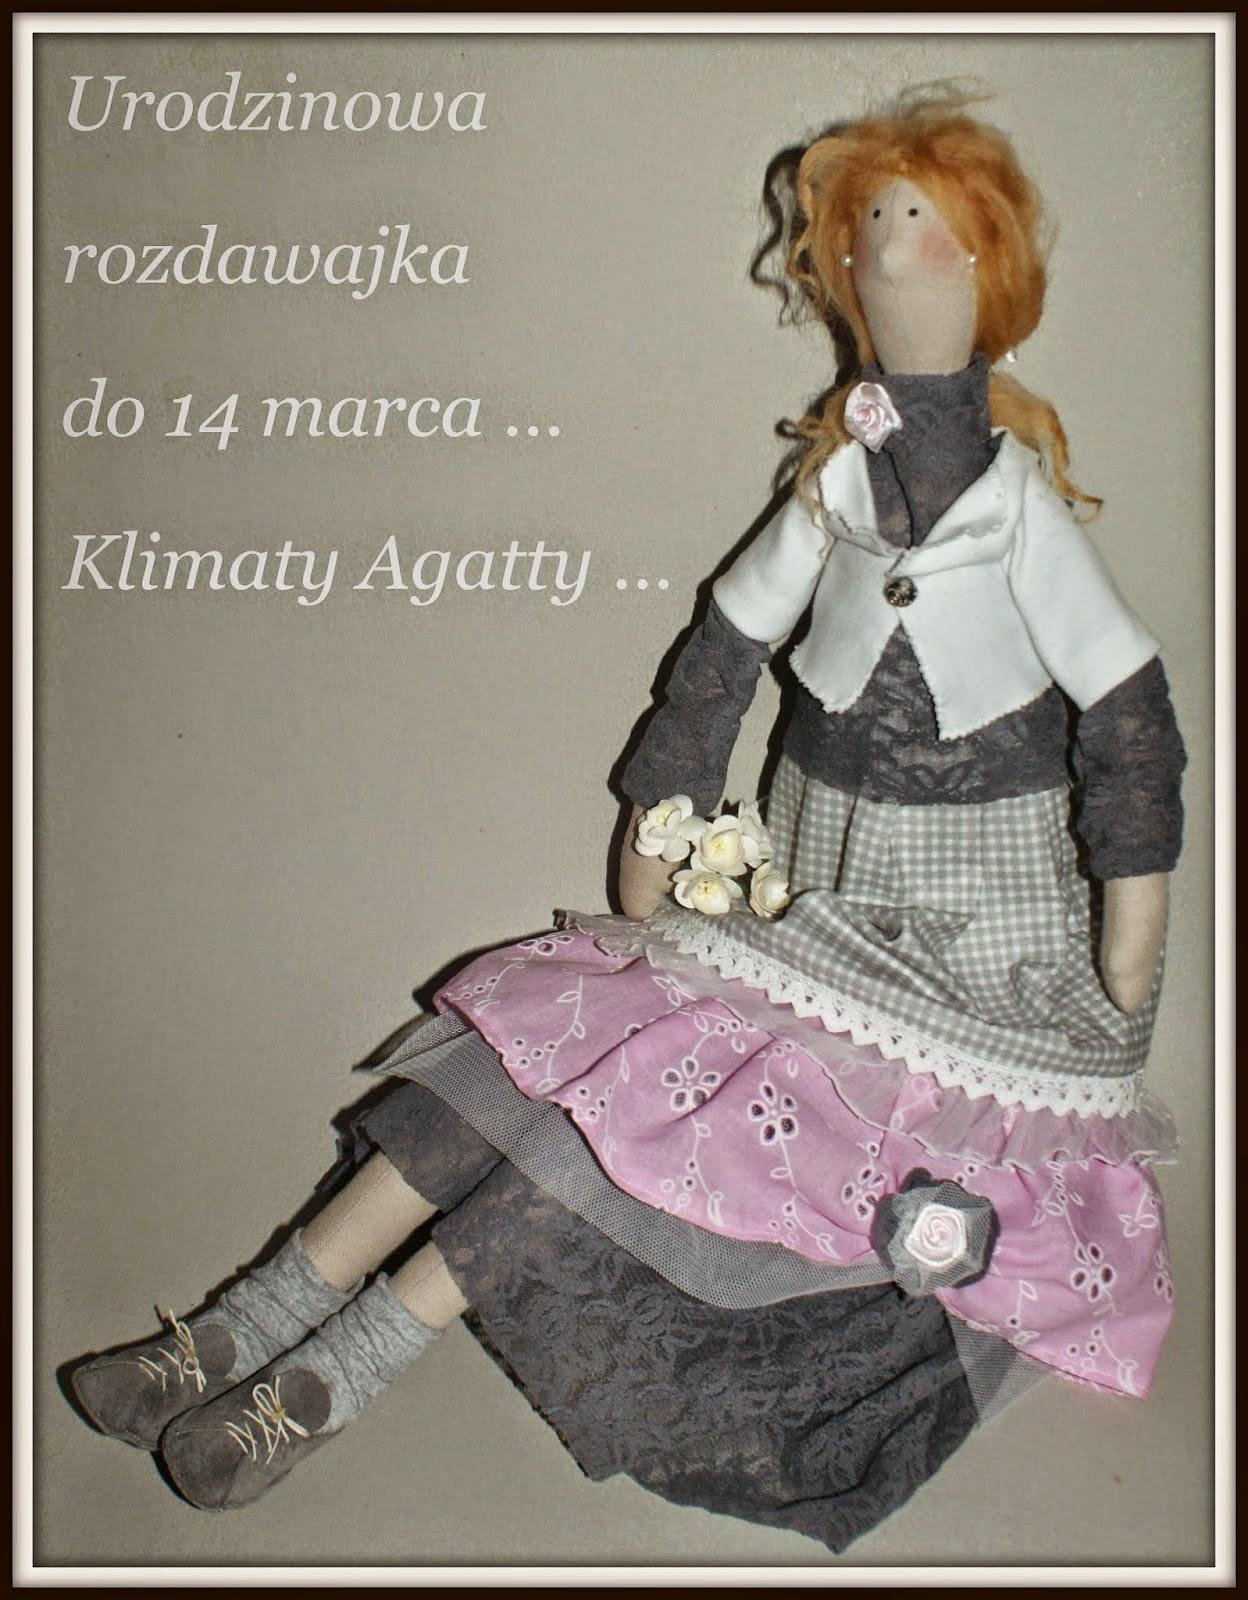 """URODZINOWA ROZDAWAJKA - """" KLIMATY AGATTY """""""